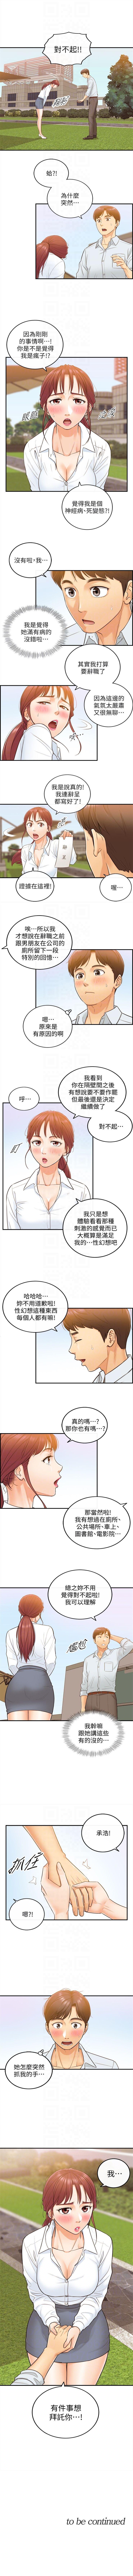 (周5)正妹小主管 1-26 中文翻译(更新中) 28